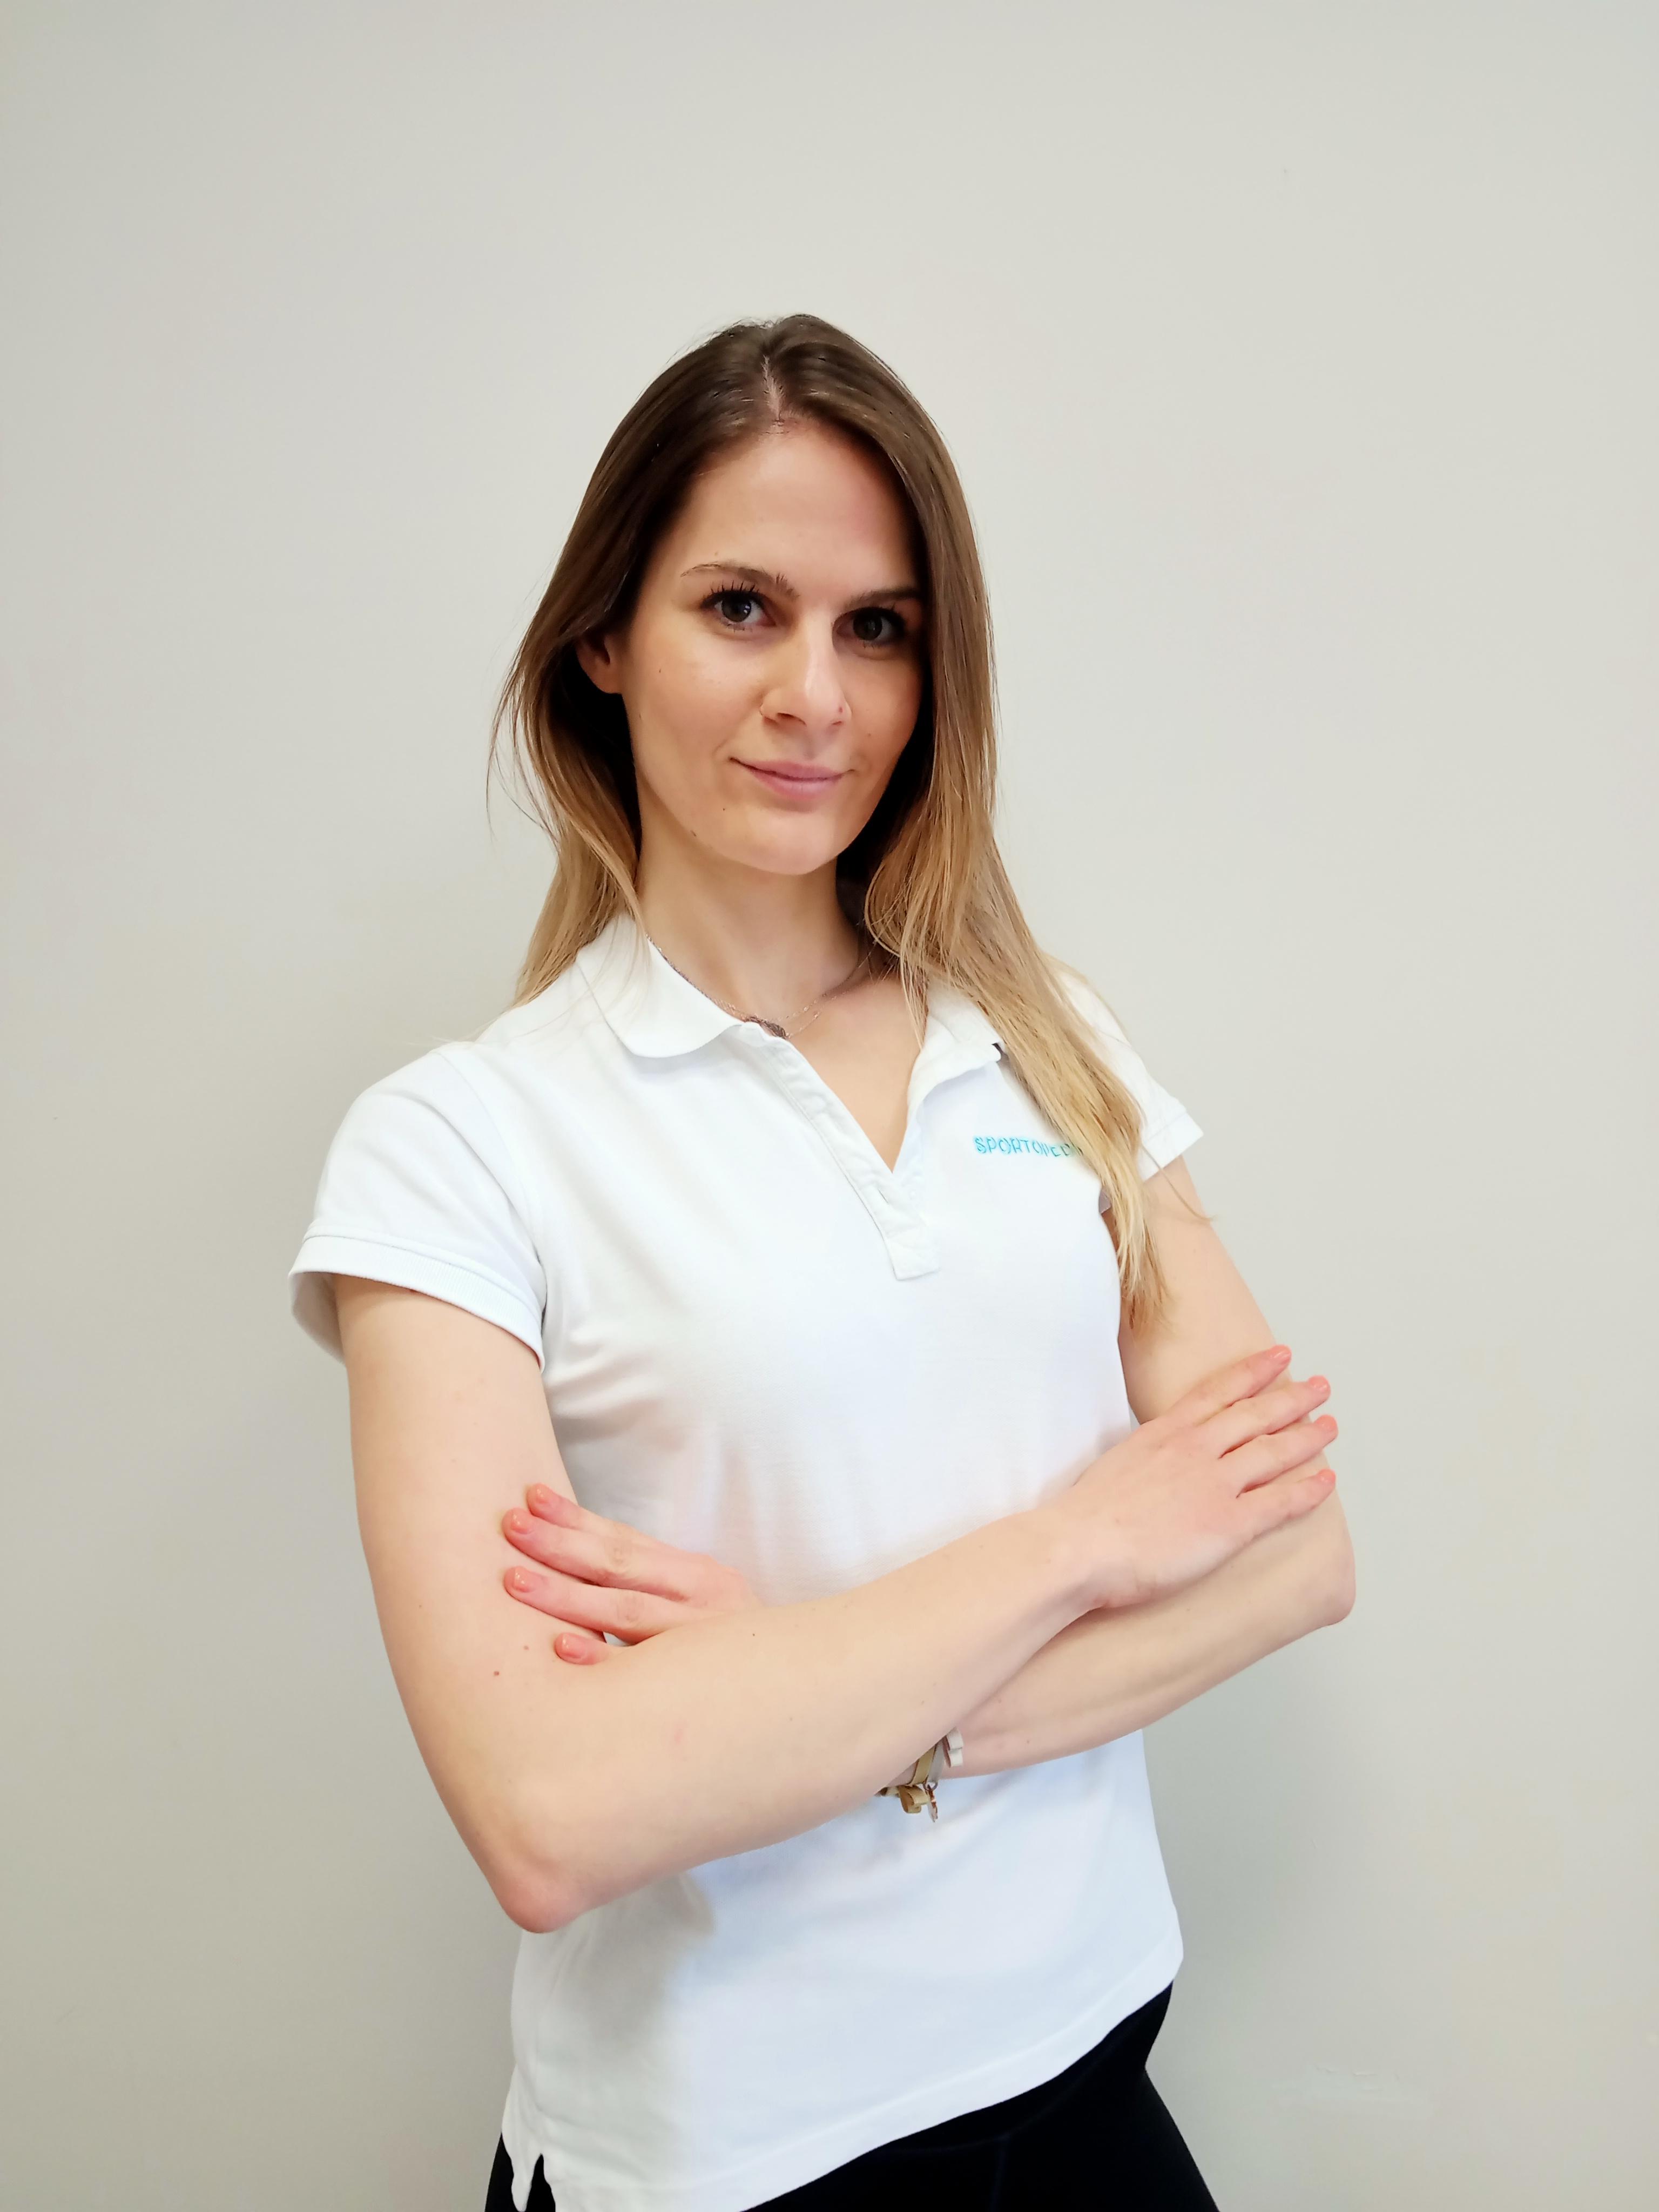 Natalia Jakubek